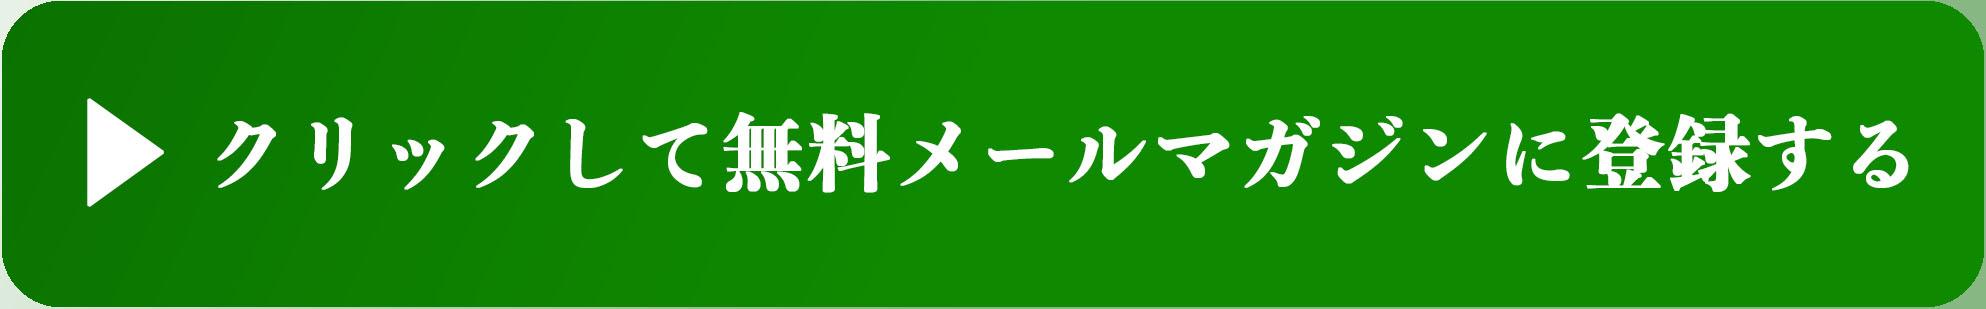 fukuen-optin1